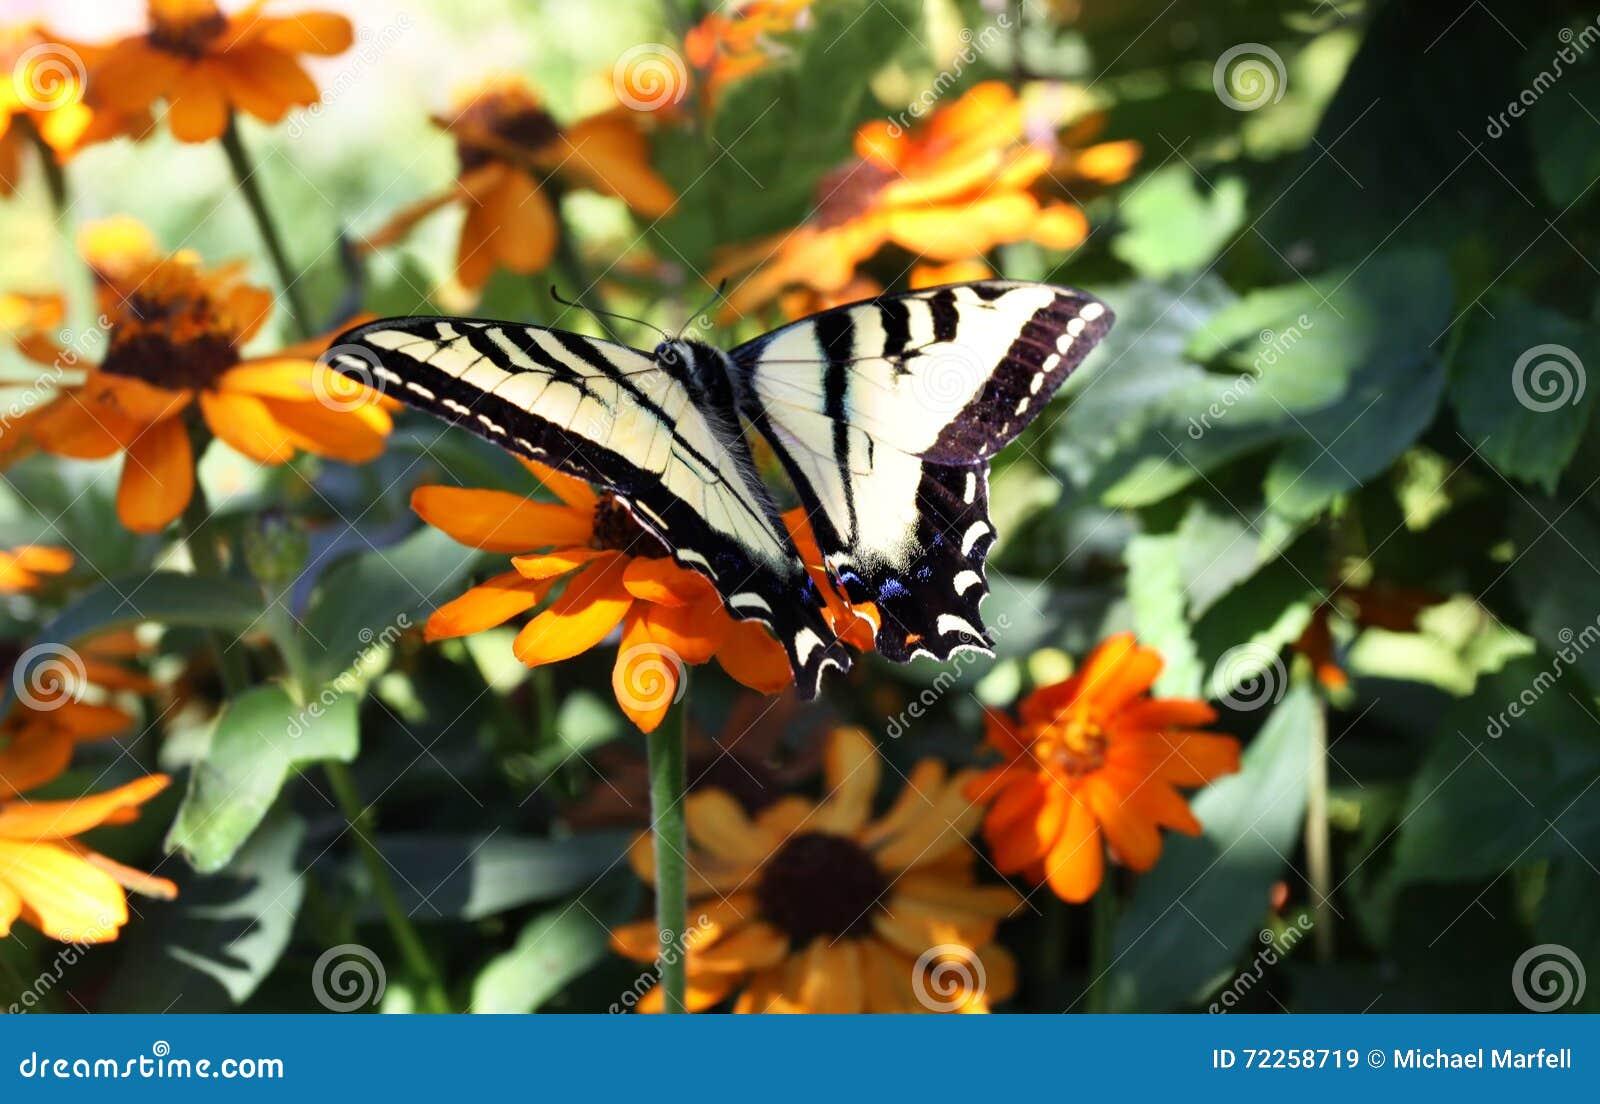 Borboleta de Swallowtail em flores do jardim